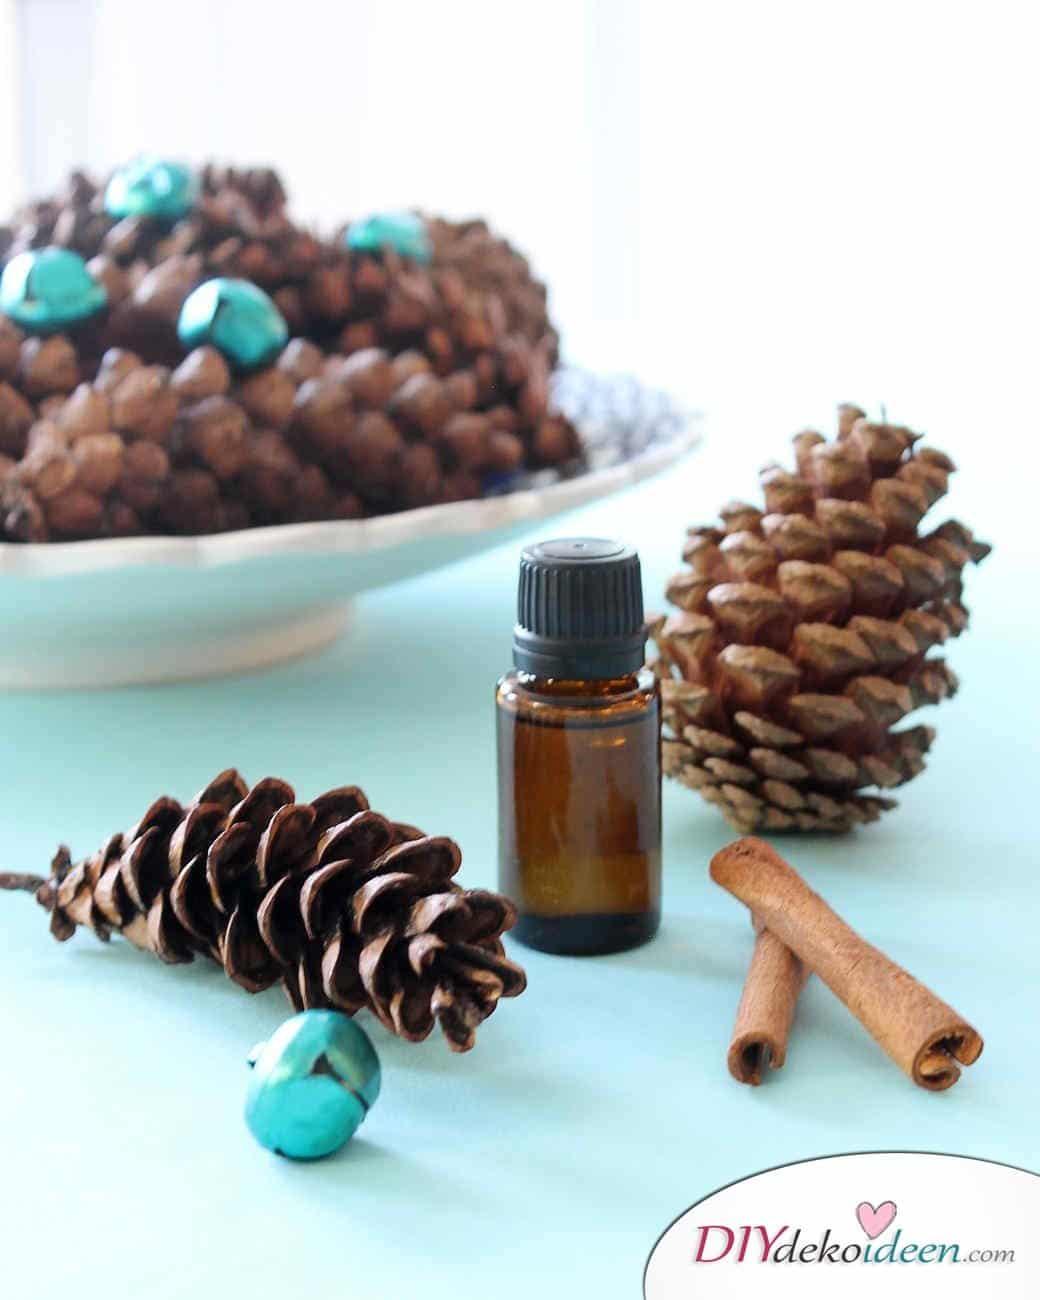 Basteln mit Tannenzapfen Weihnachten - 11 zauberhafte Bastelideen - Duftende Zapfen